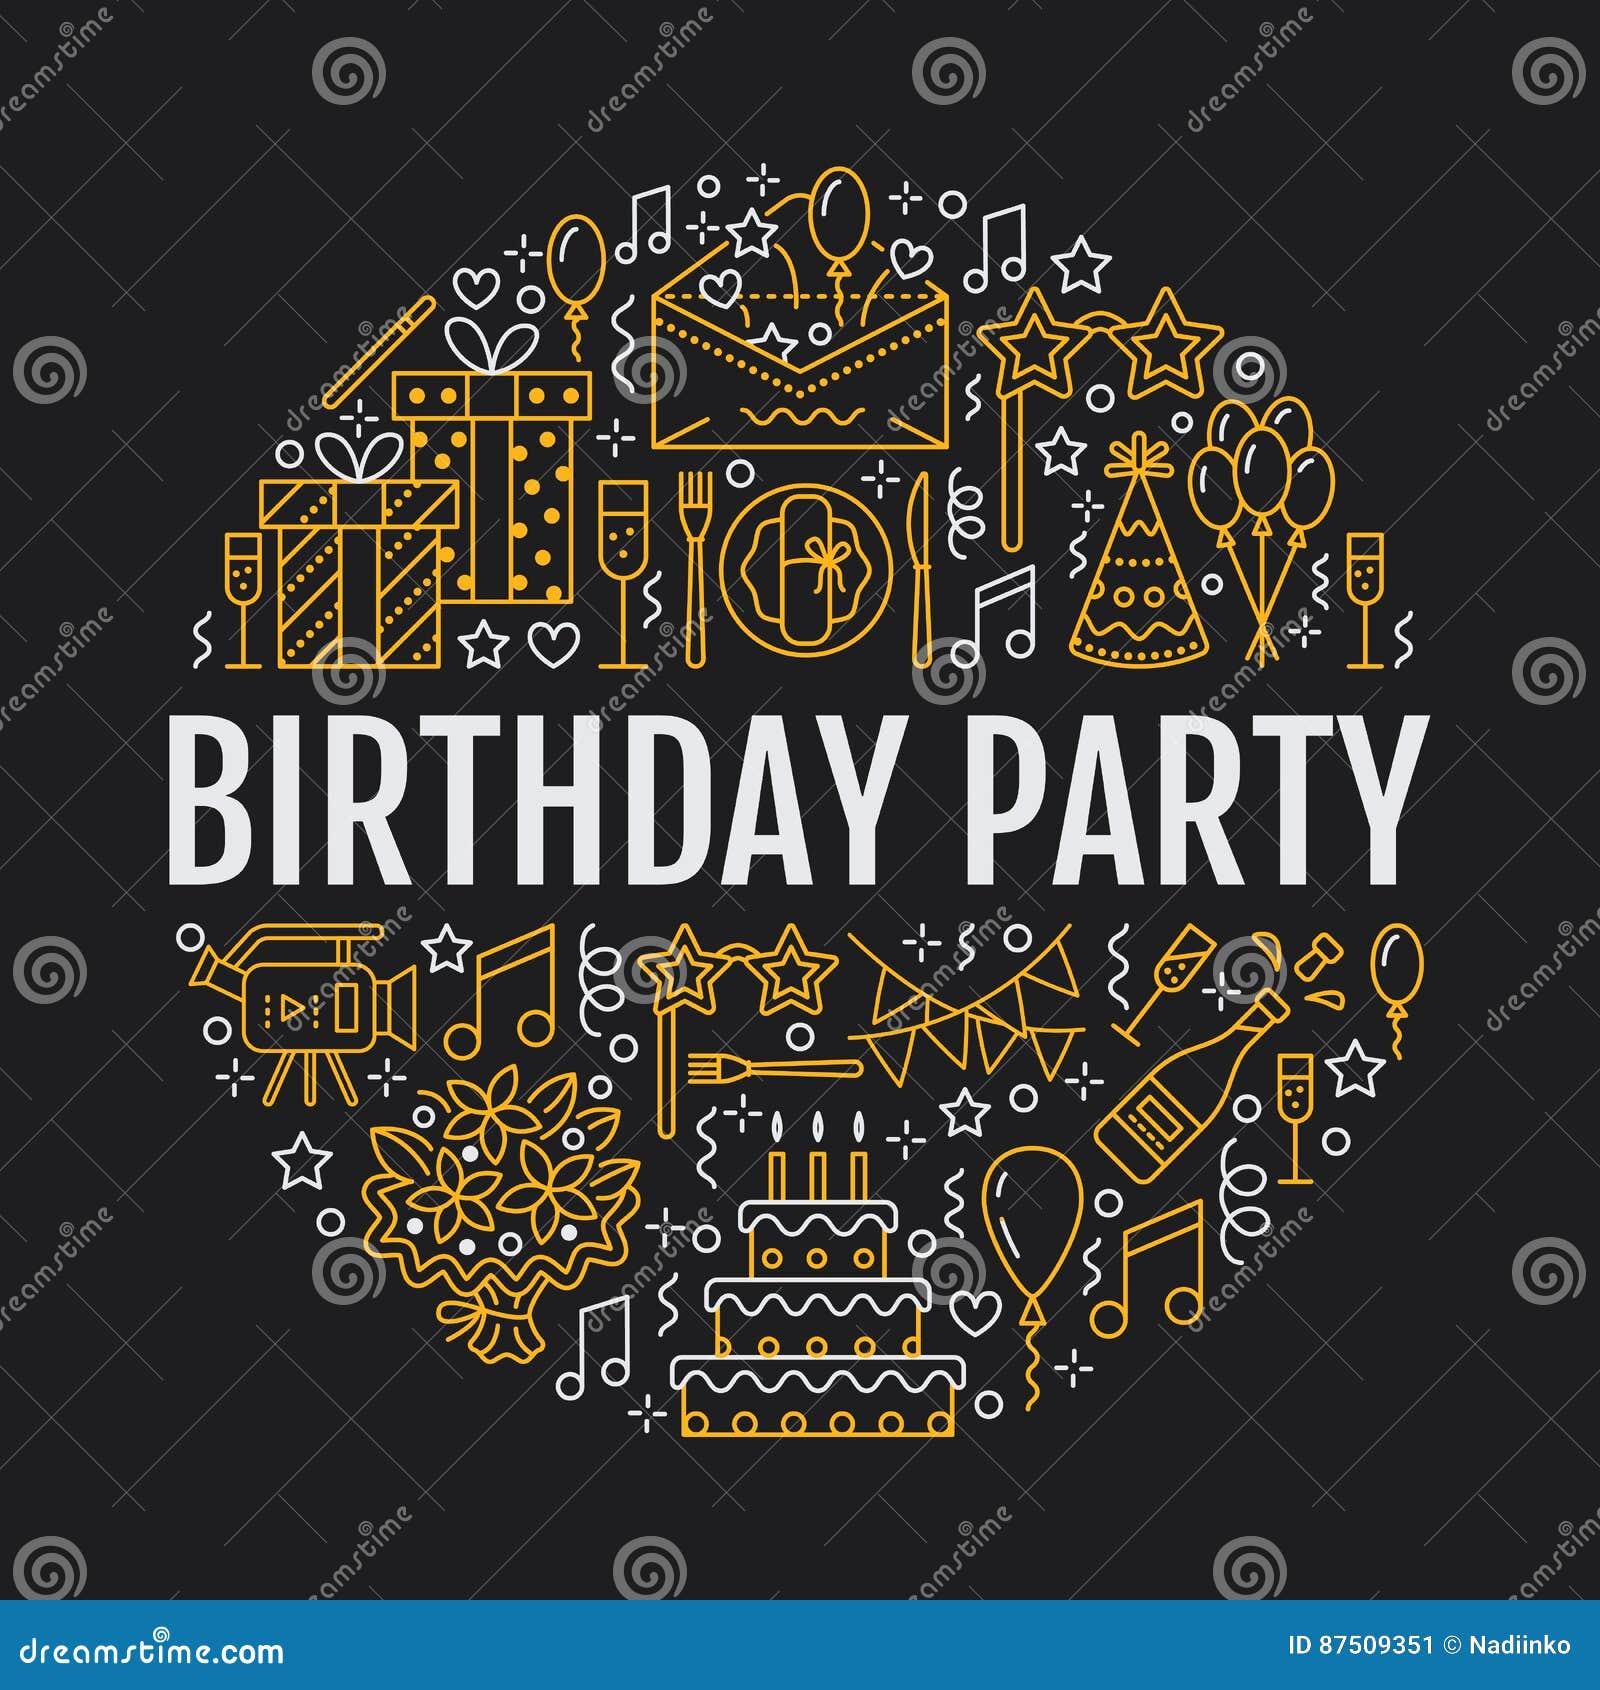 Agencia del evento, bandera de la fiesta de cumpleaños con la línea icono de abastecimiento, torta de cumpleaños, decoración del